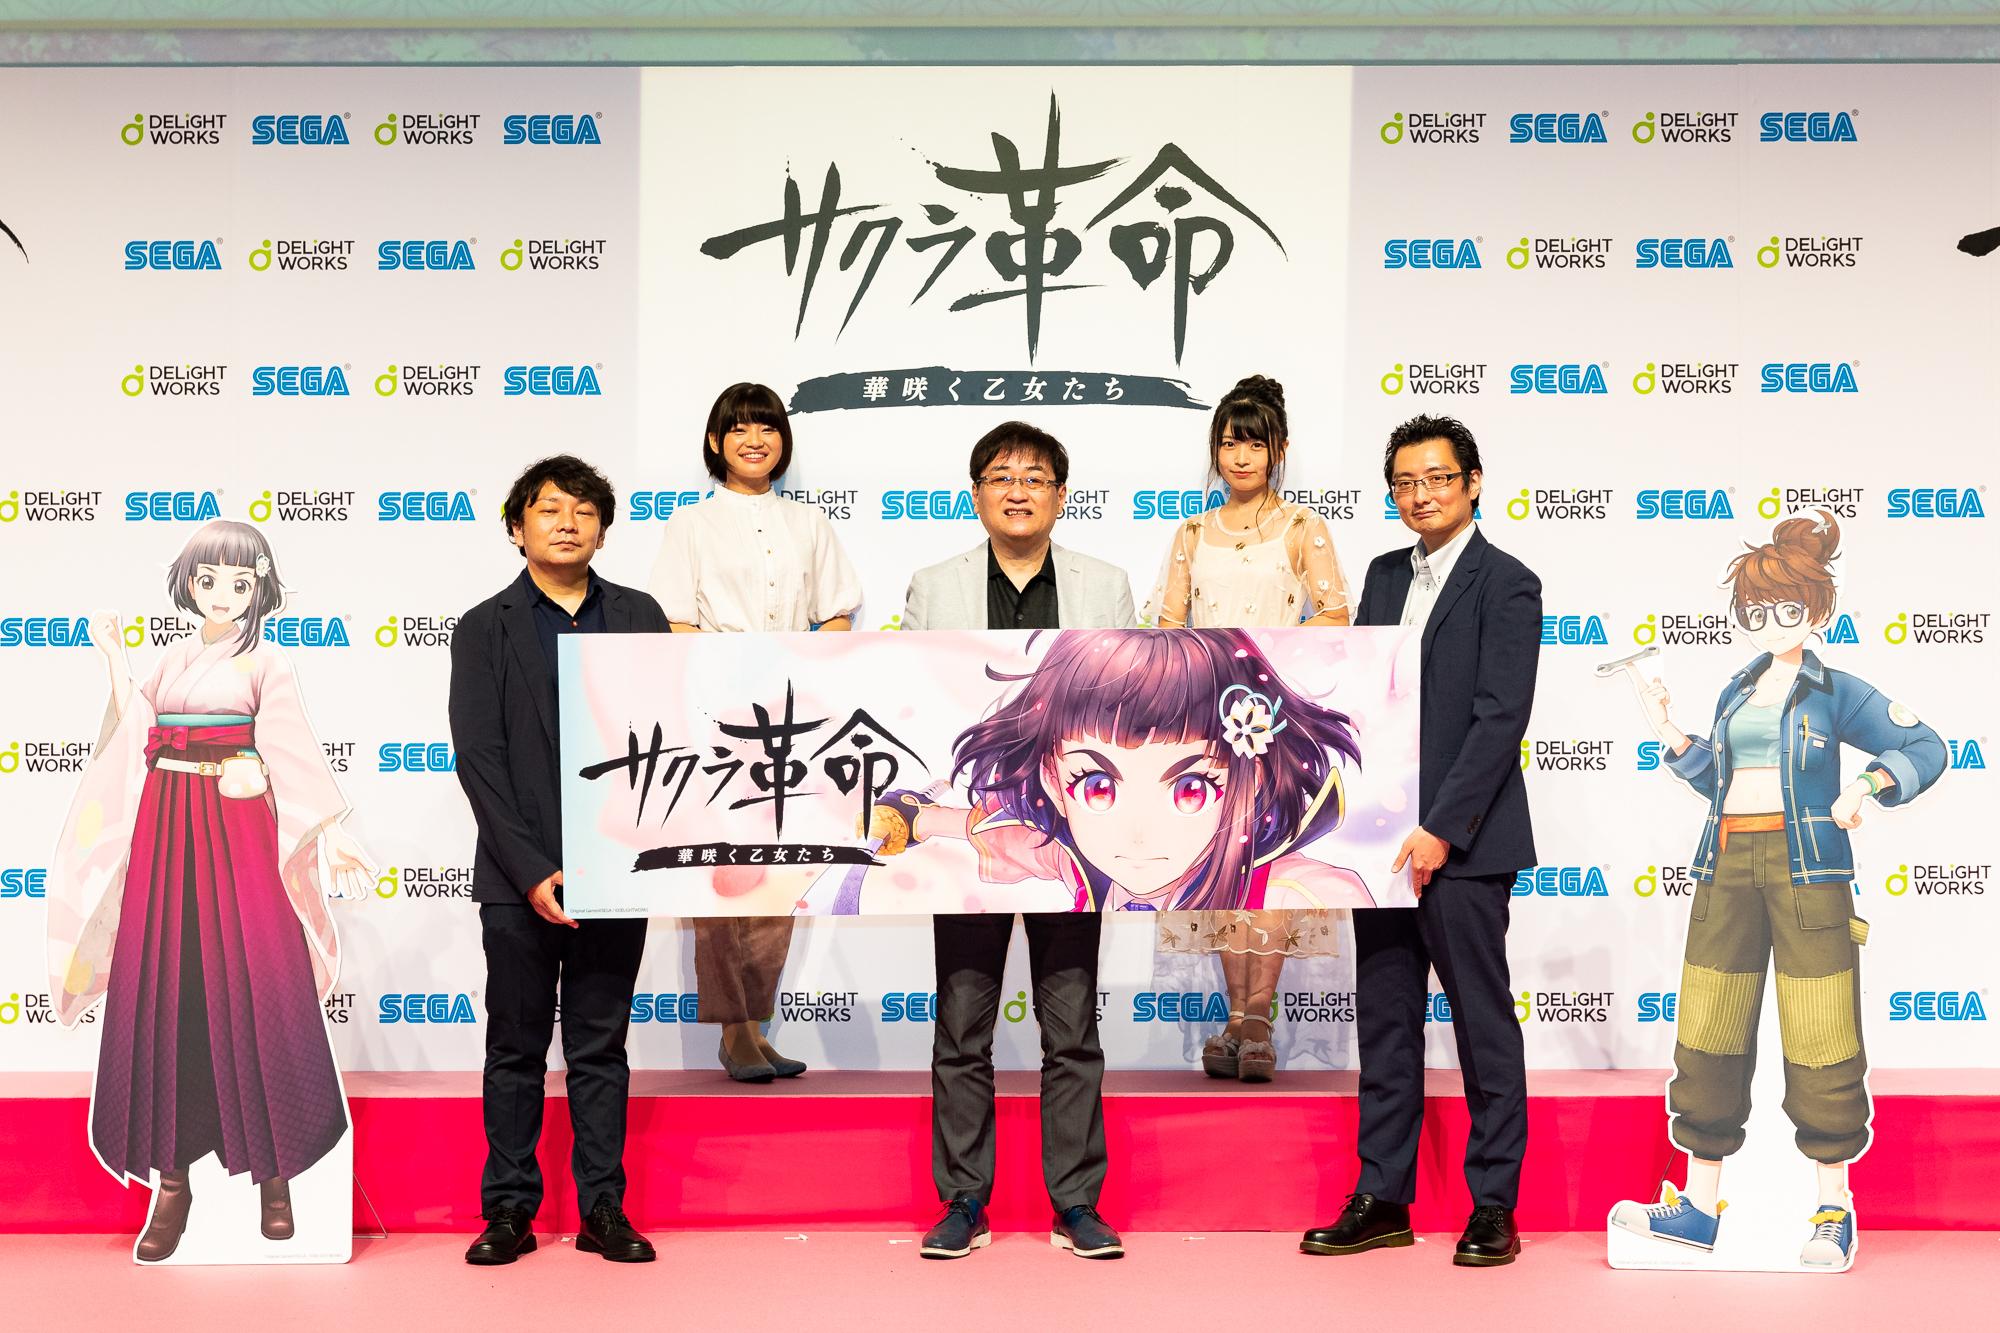 発表会の登壇者 Original Game (c) SEGA / (c) DELiGHTWORKS